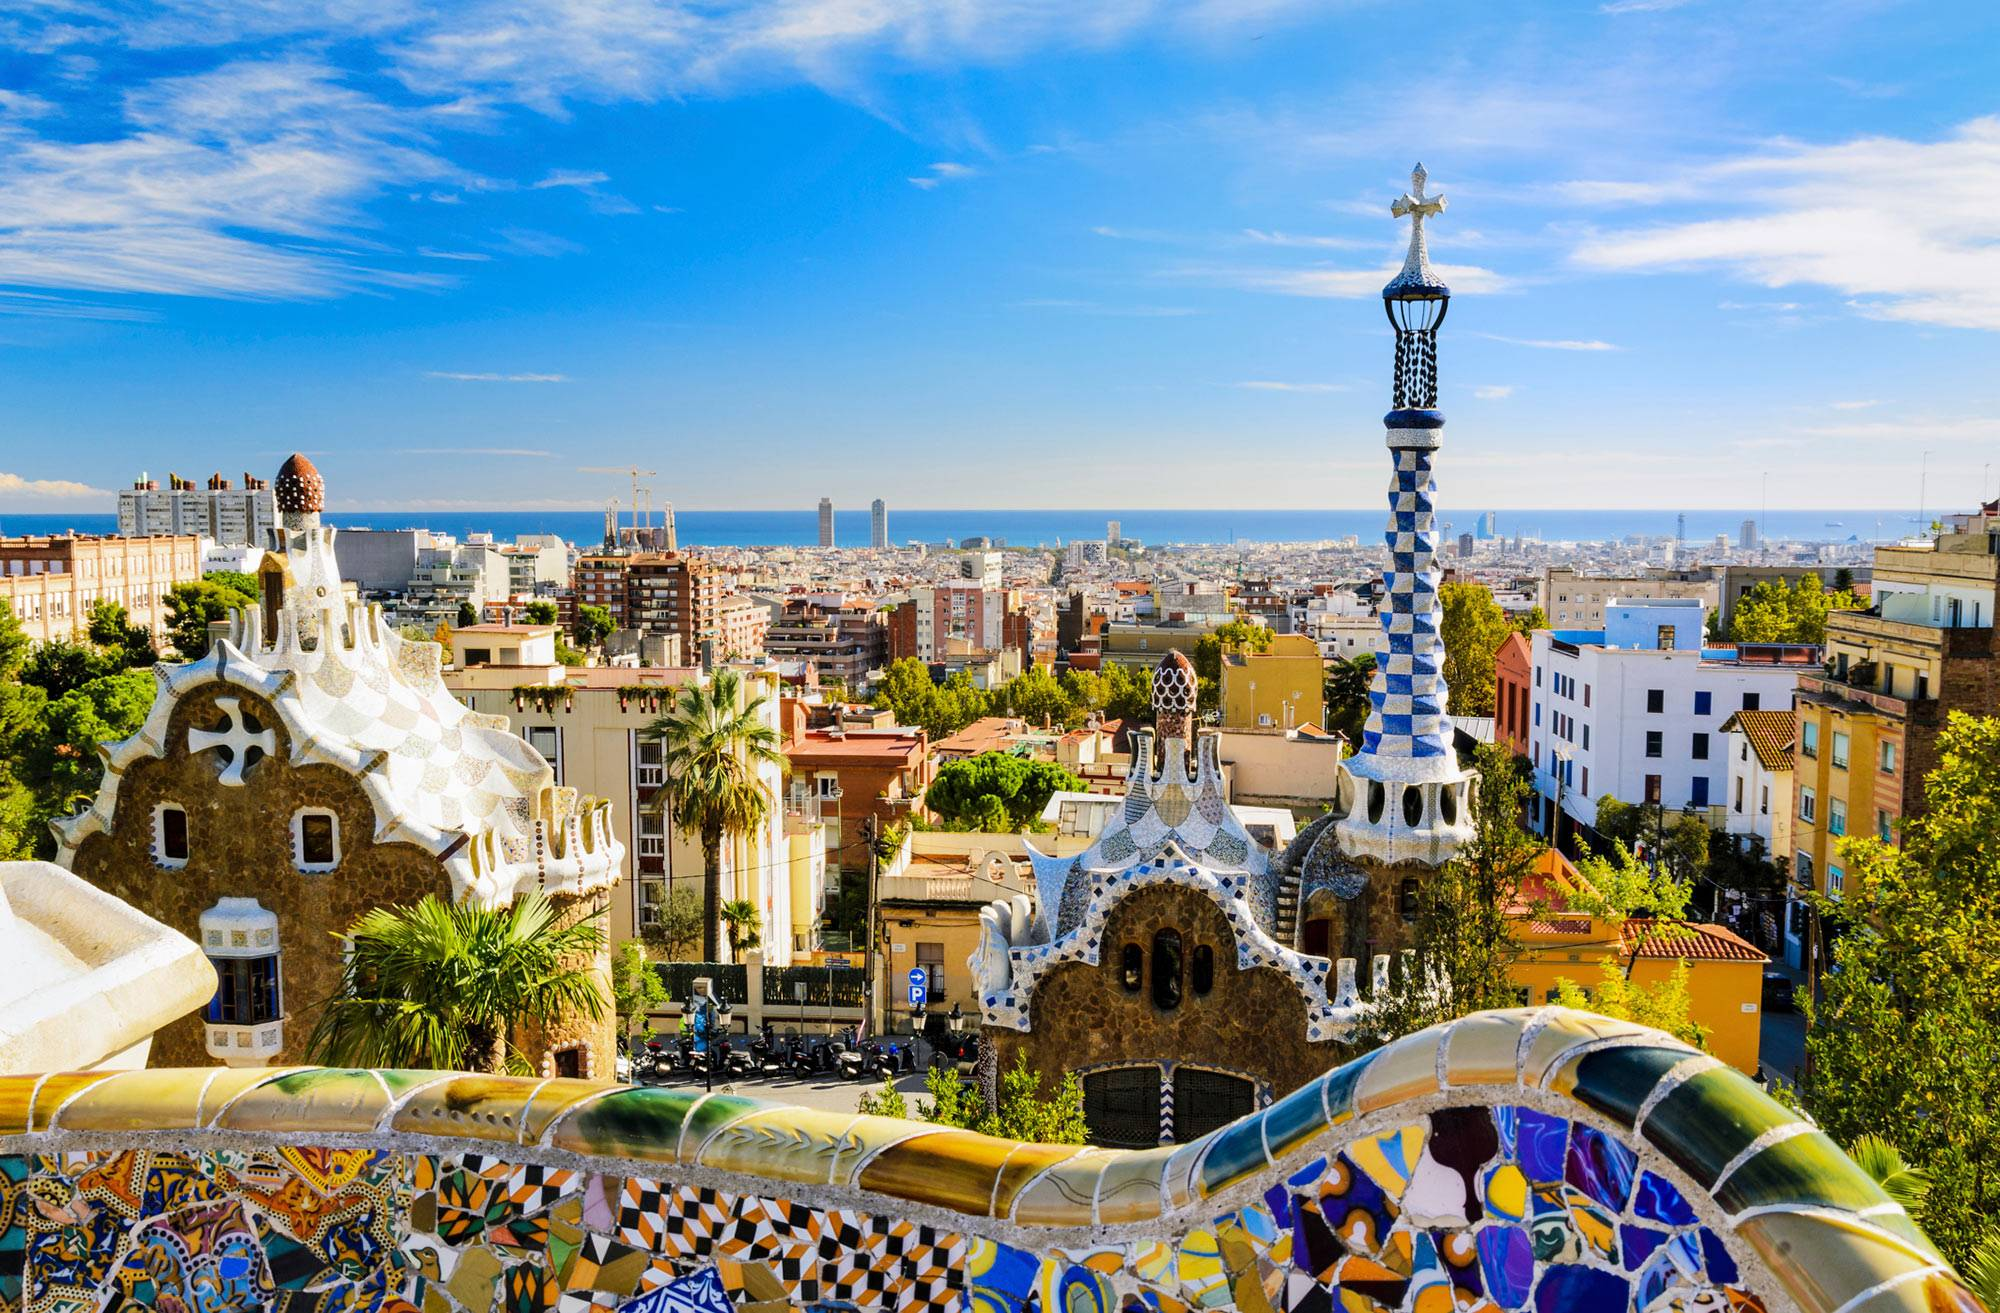 Roteiro de Portugal e Espanha 11 Dias